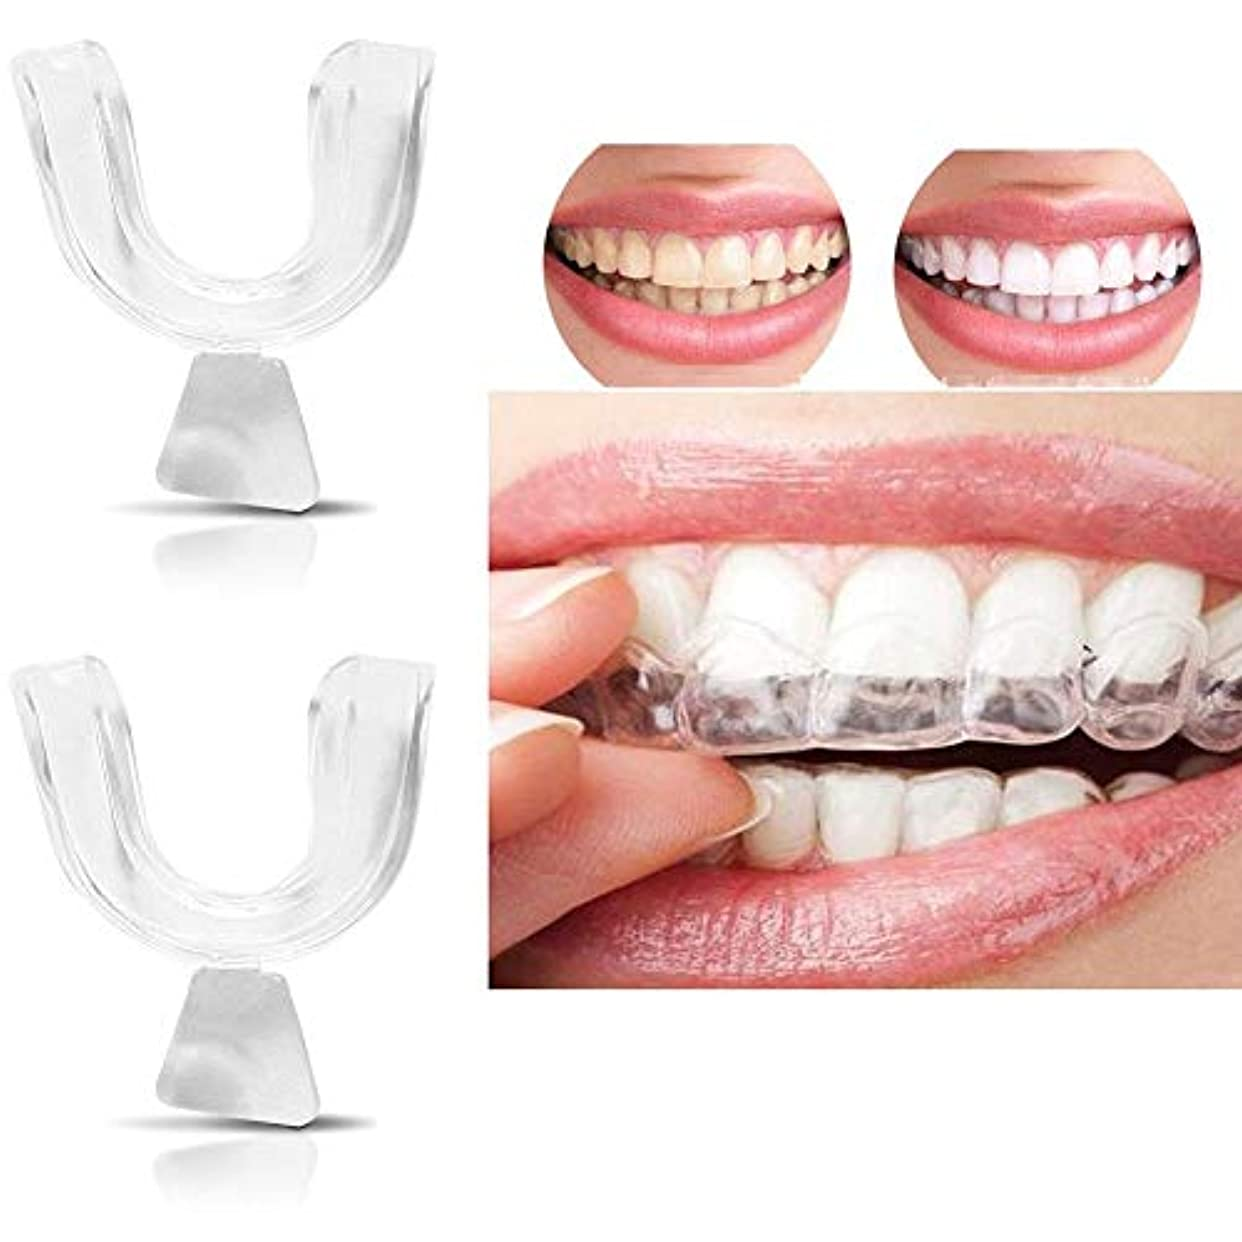 正確こっそり破壊2ピース歯ホワイトニングトレイ成形可能な透明シリコーン熱成形歯科用マウスガードホワイトナーマウスケア